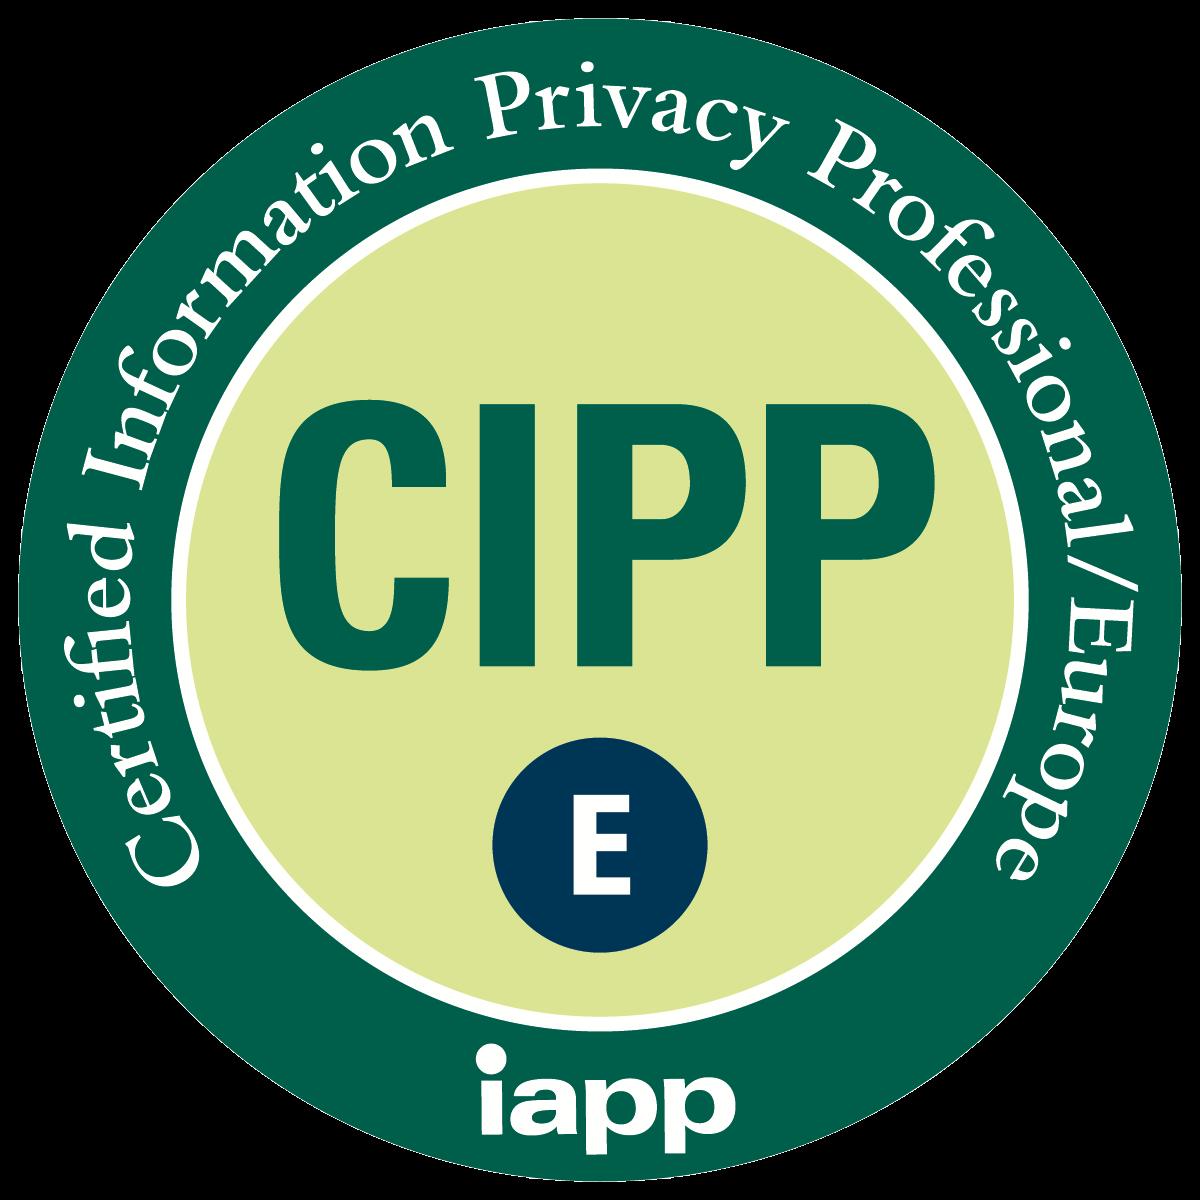 CIPP-E_Seal_new.png